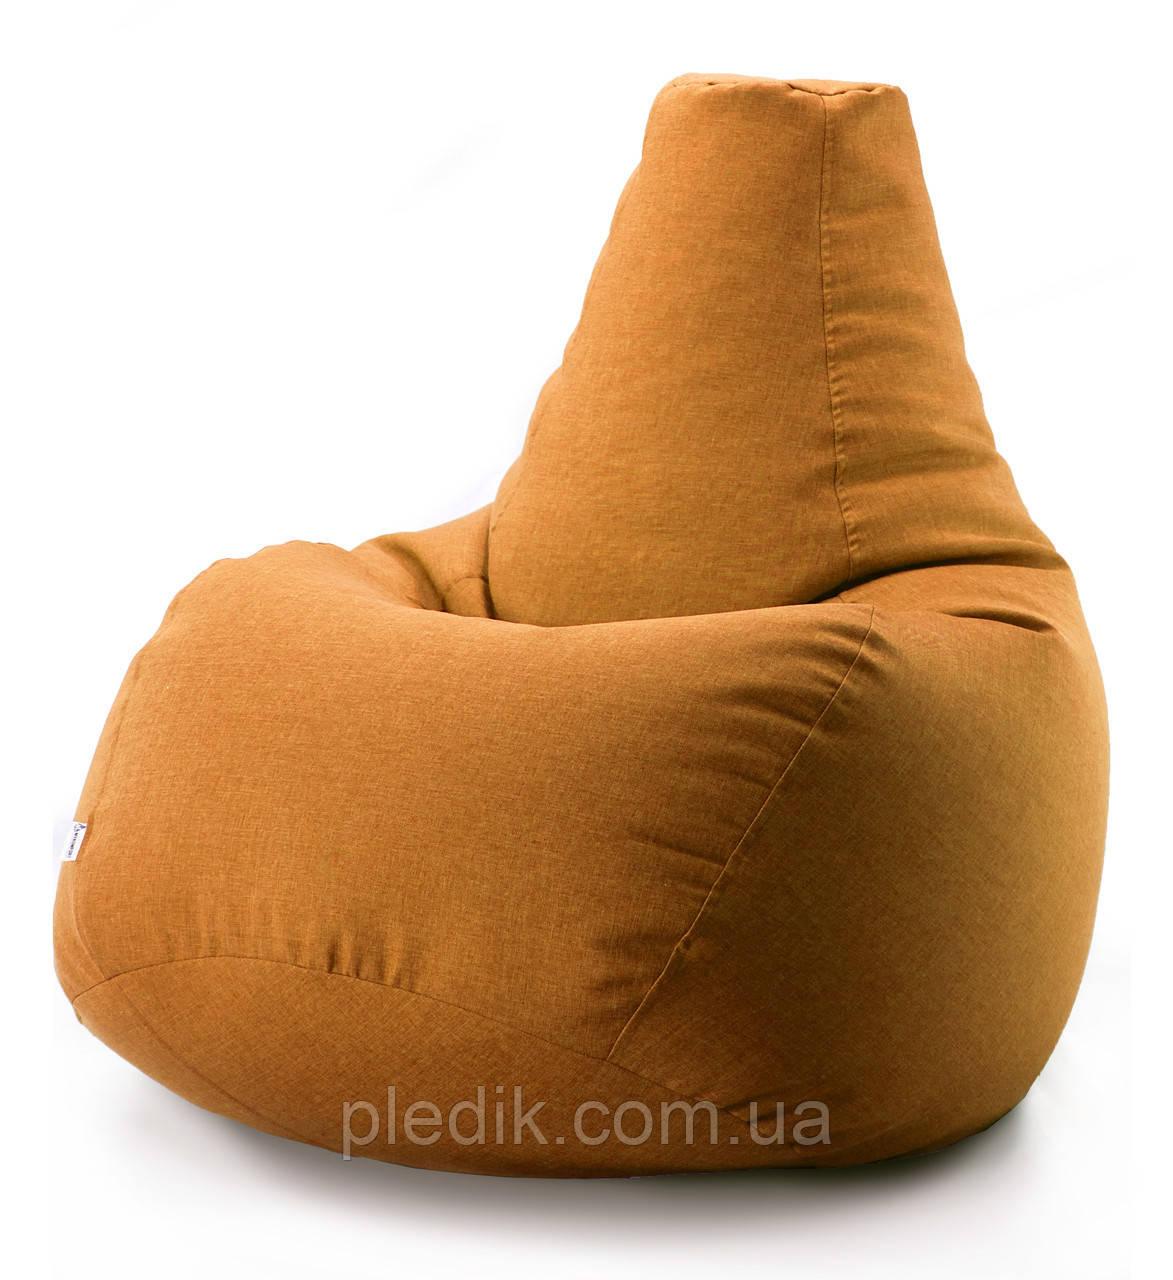 Кресло мешок груша микро-рогожка 100*140 см Оранжевый